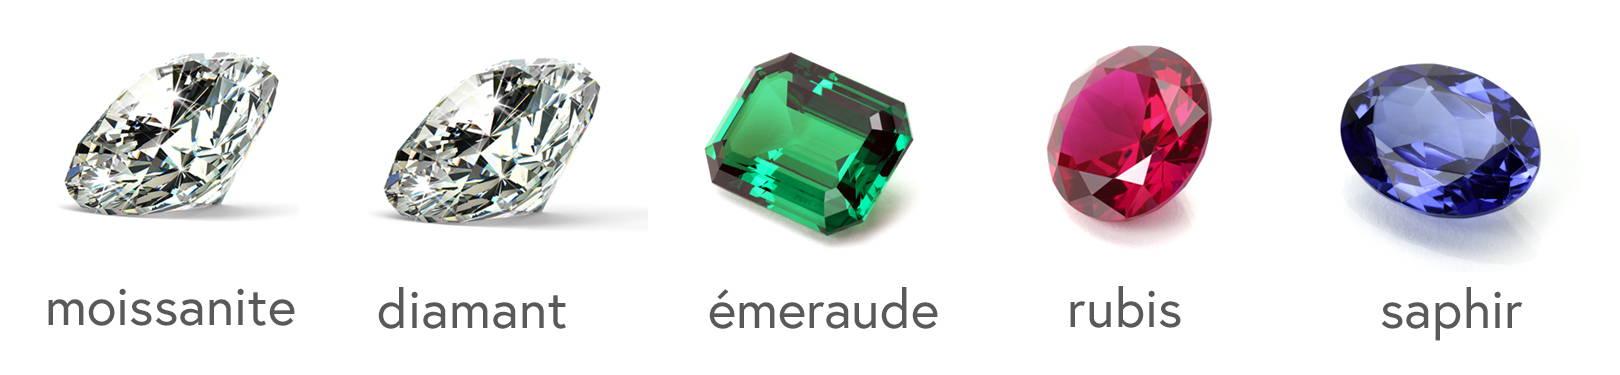 Tableau avec des images de moissanite, de diamant, d'émeraude, de rubis et de saphir